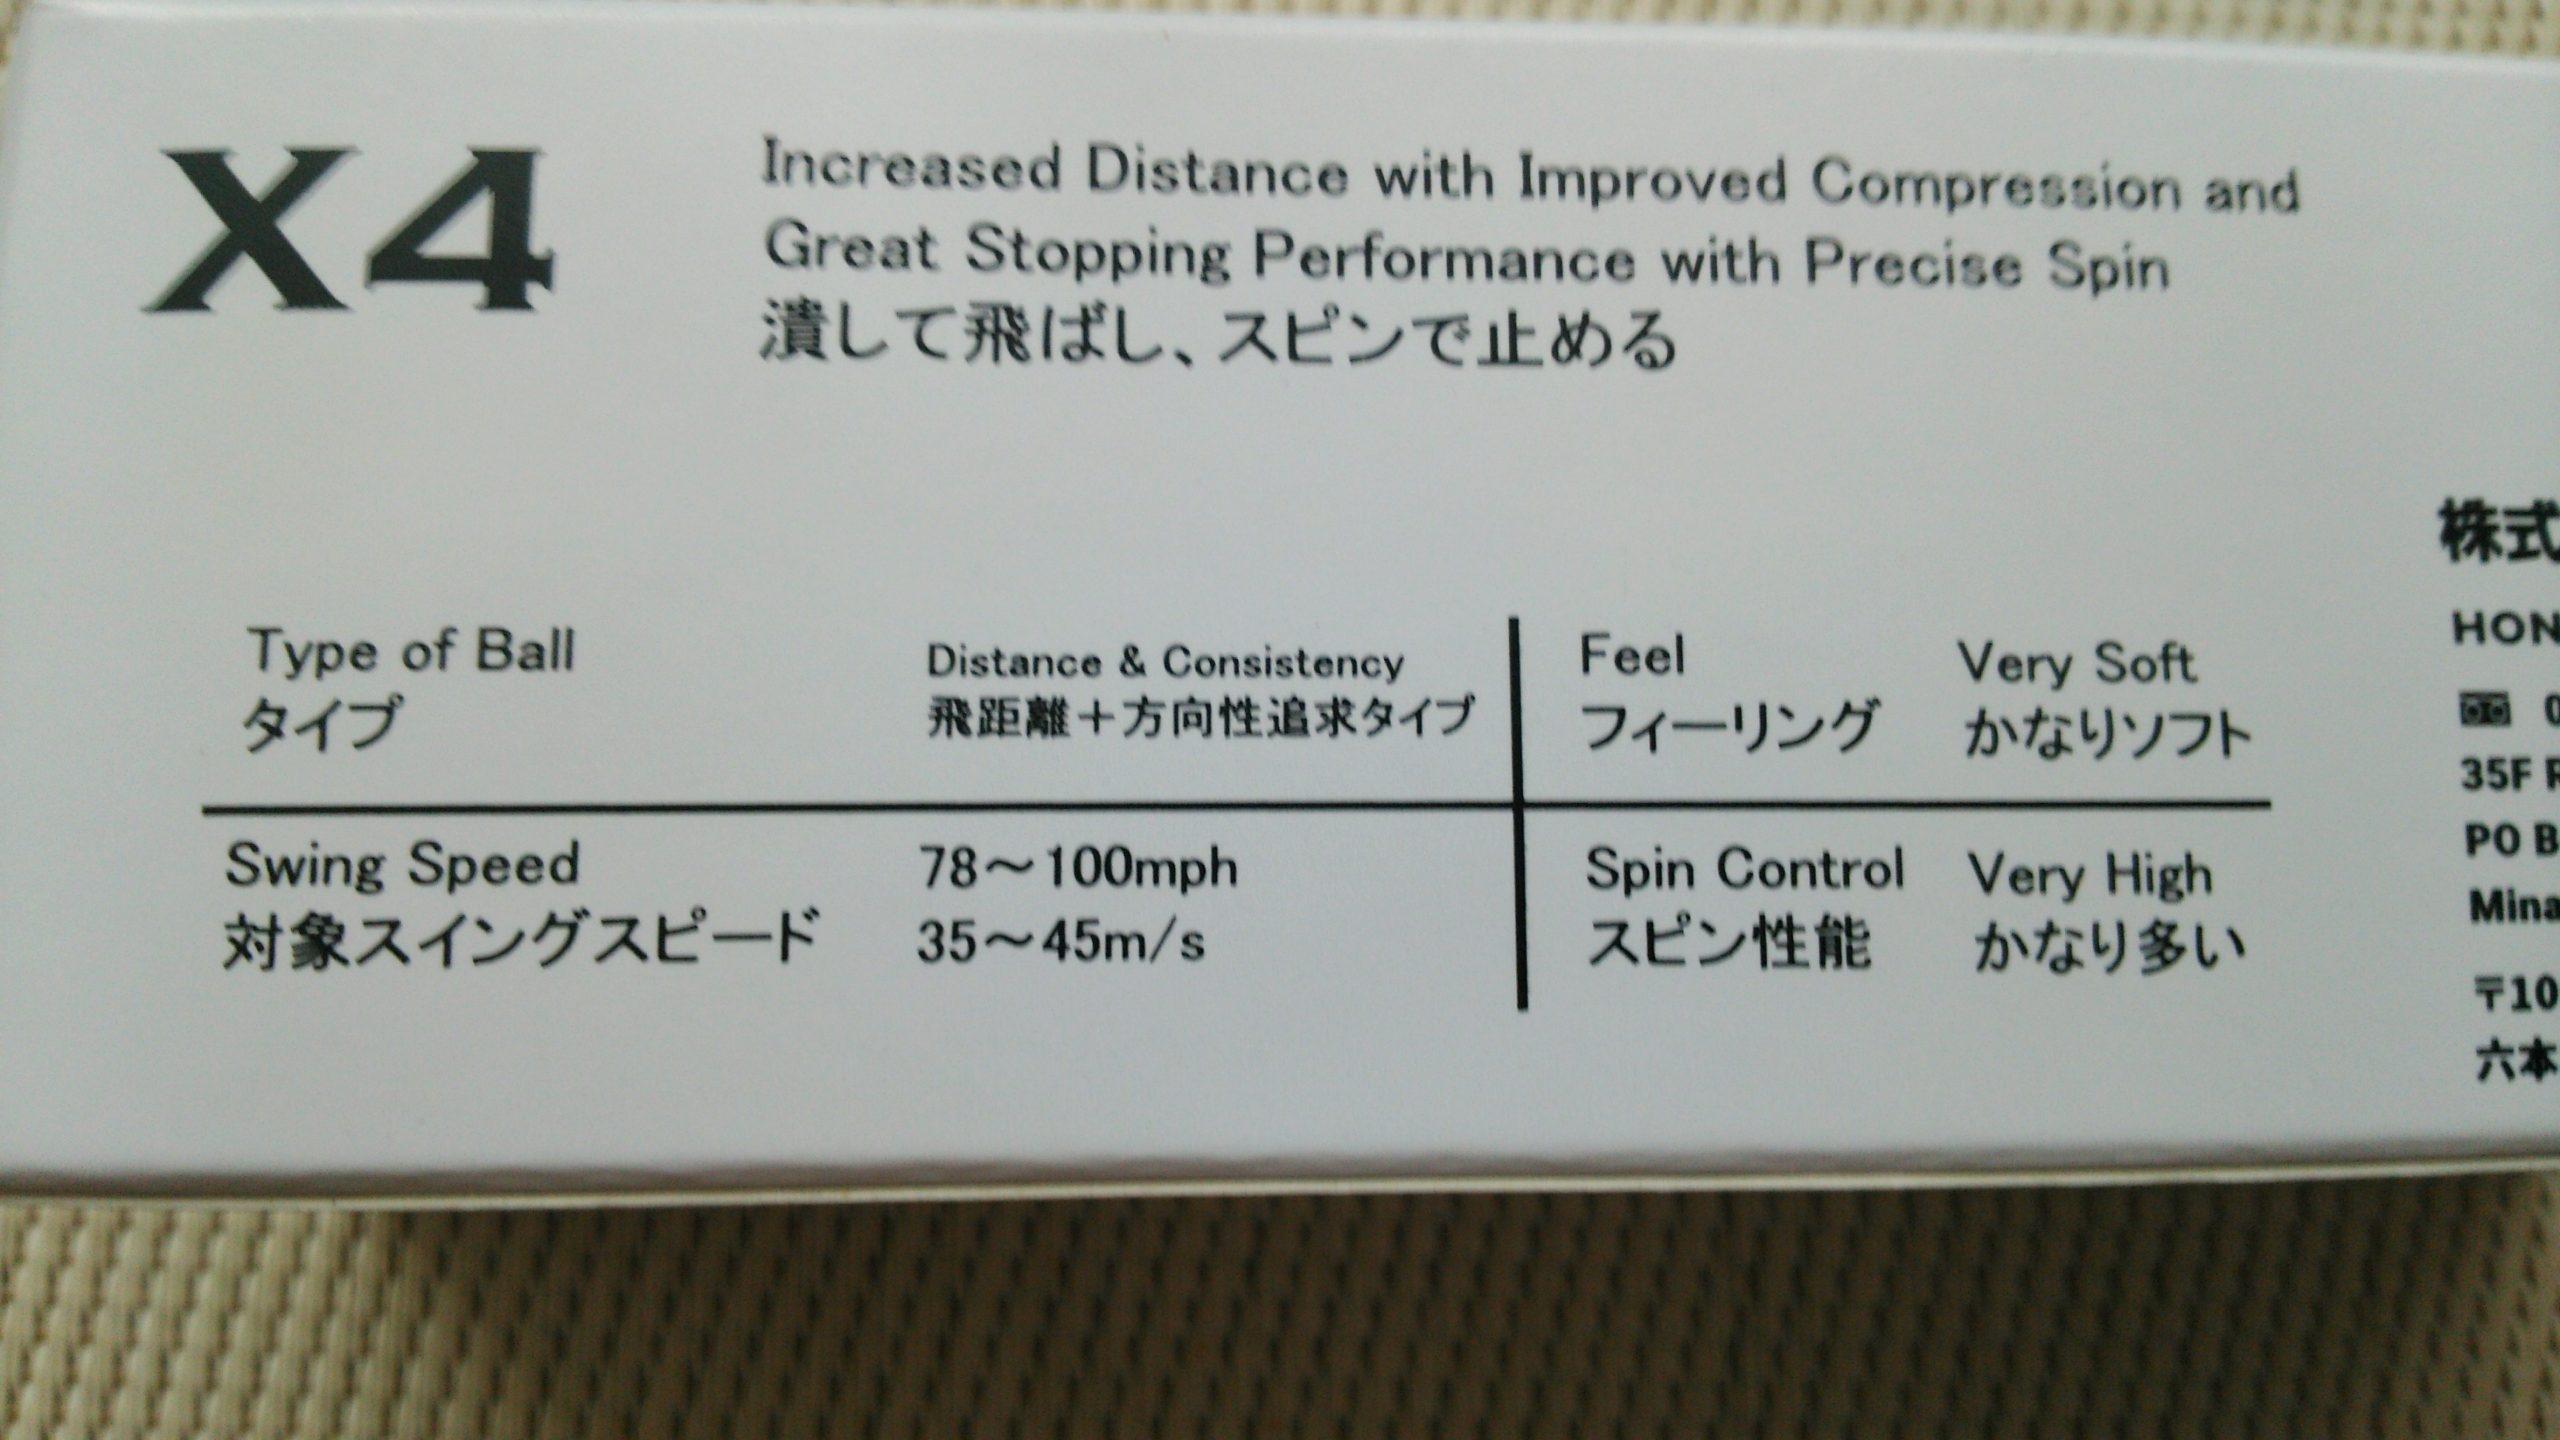 本間ゴルフ X4 説明